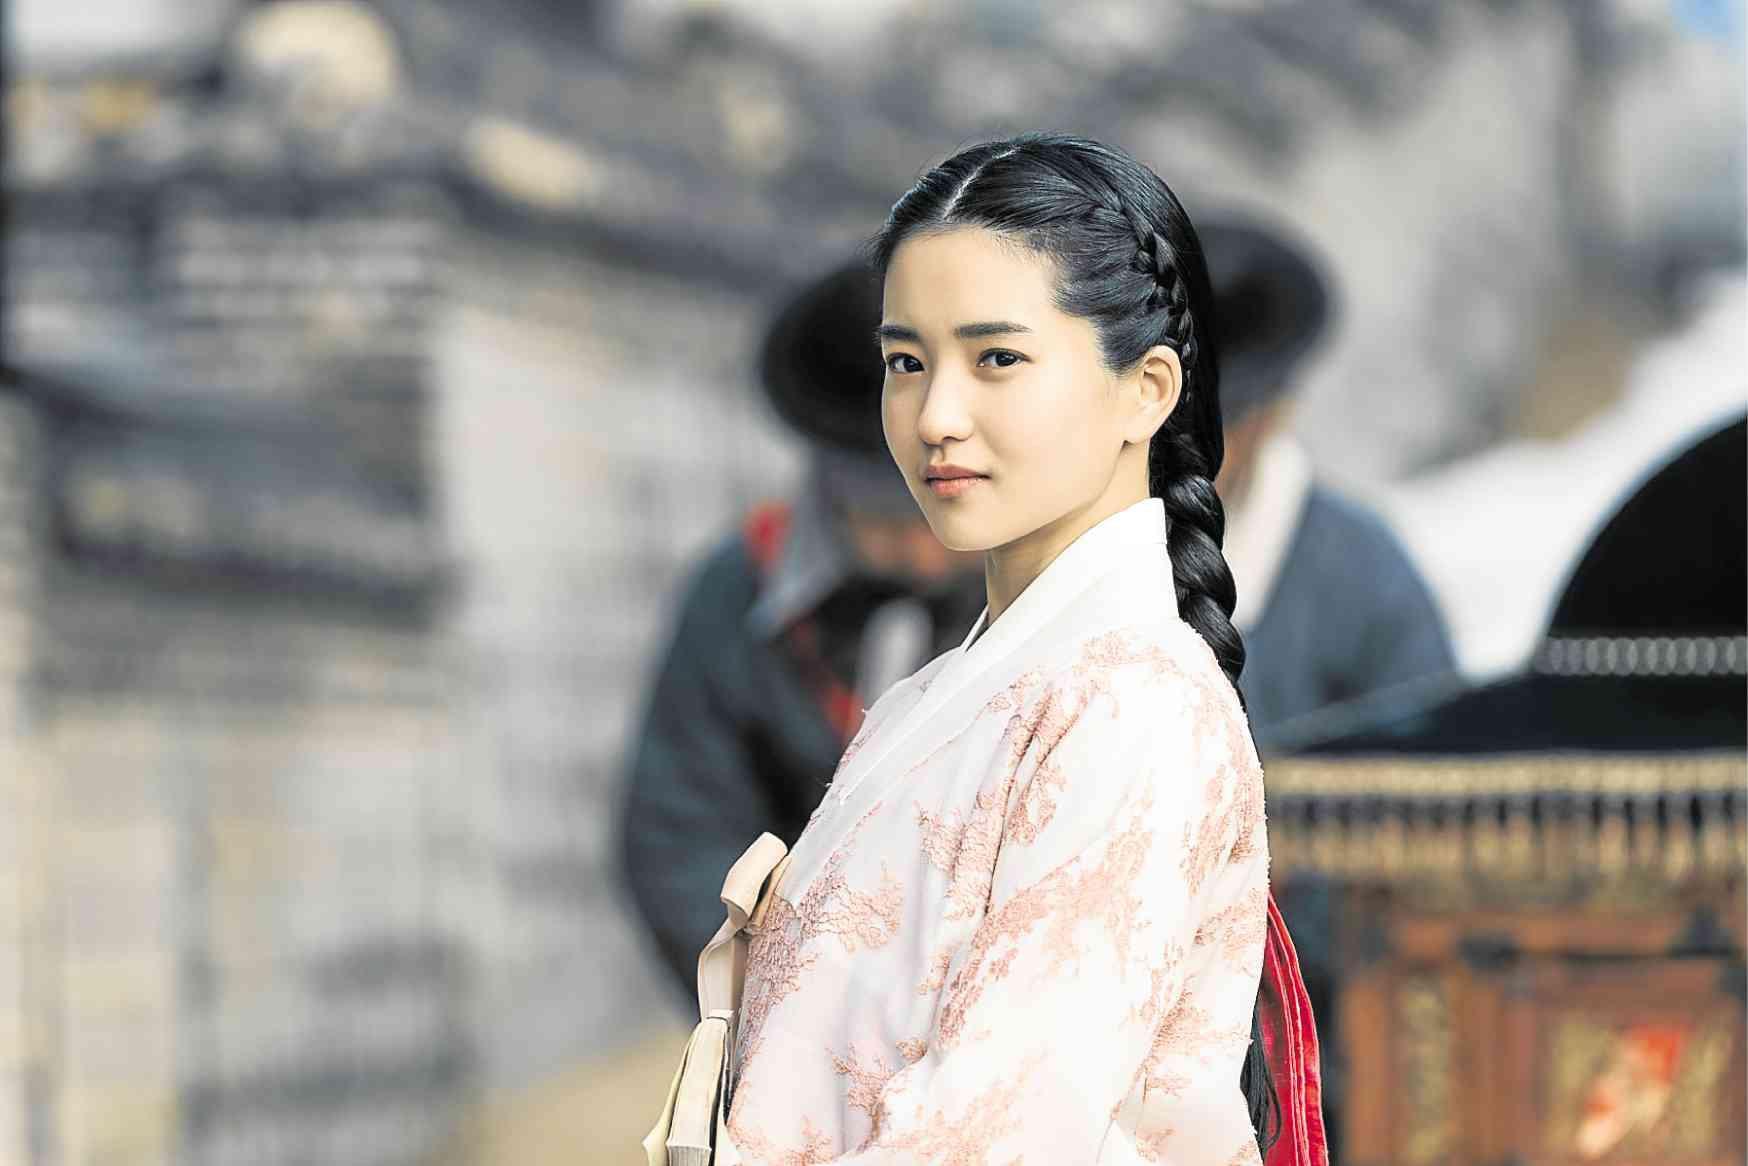 Dòng chảy phim Hàn thời nay đã dịch chuyển: Nữ chính bánh bèo không còn chốn dung thân - Ảnh 15.